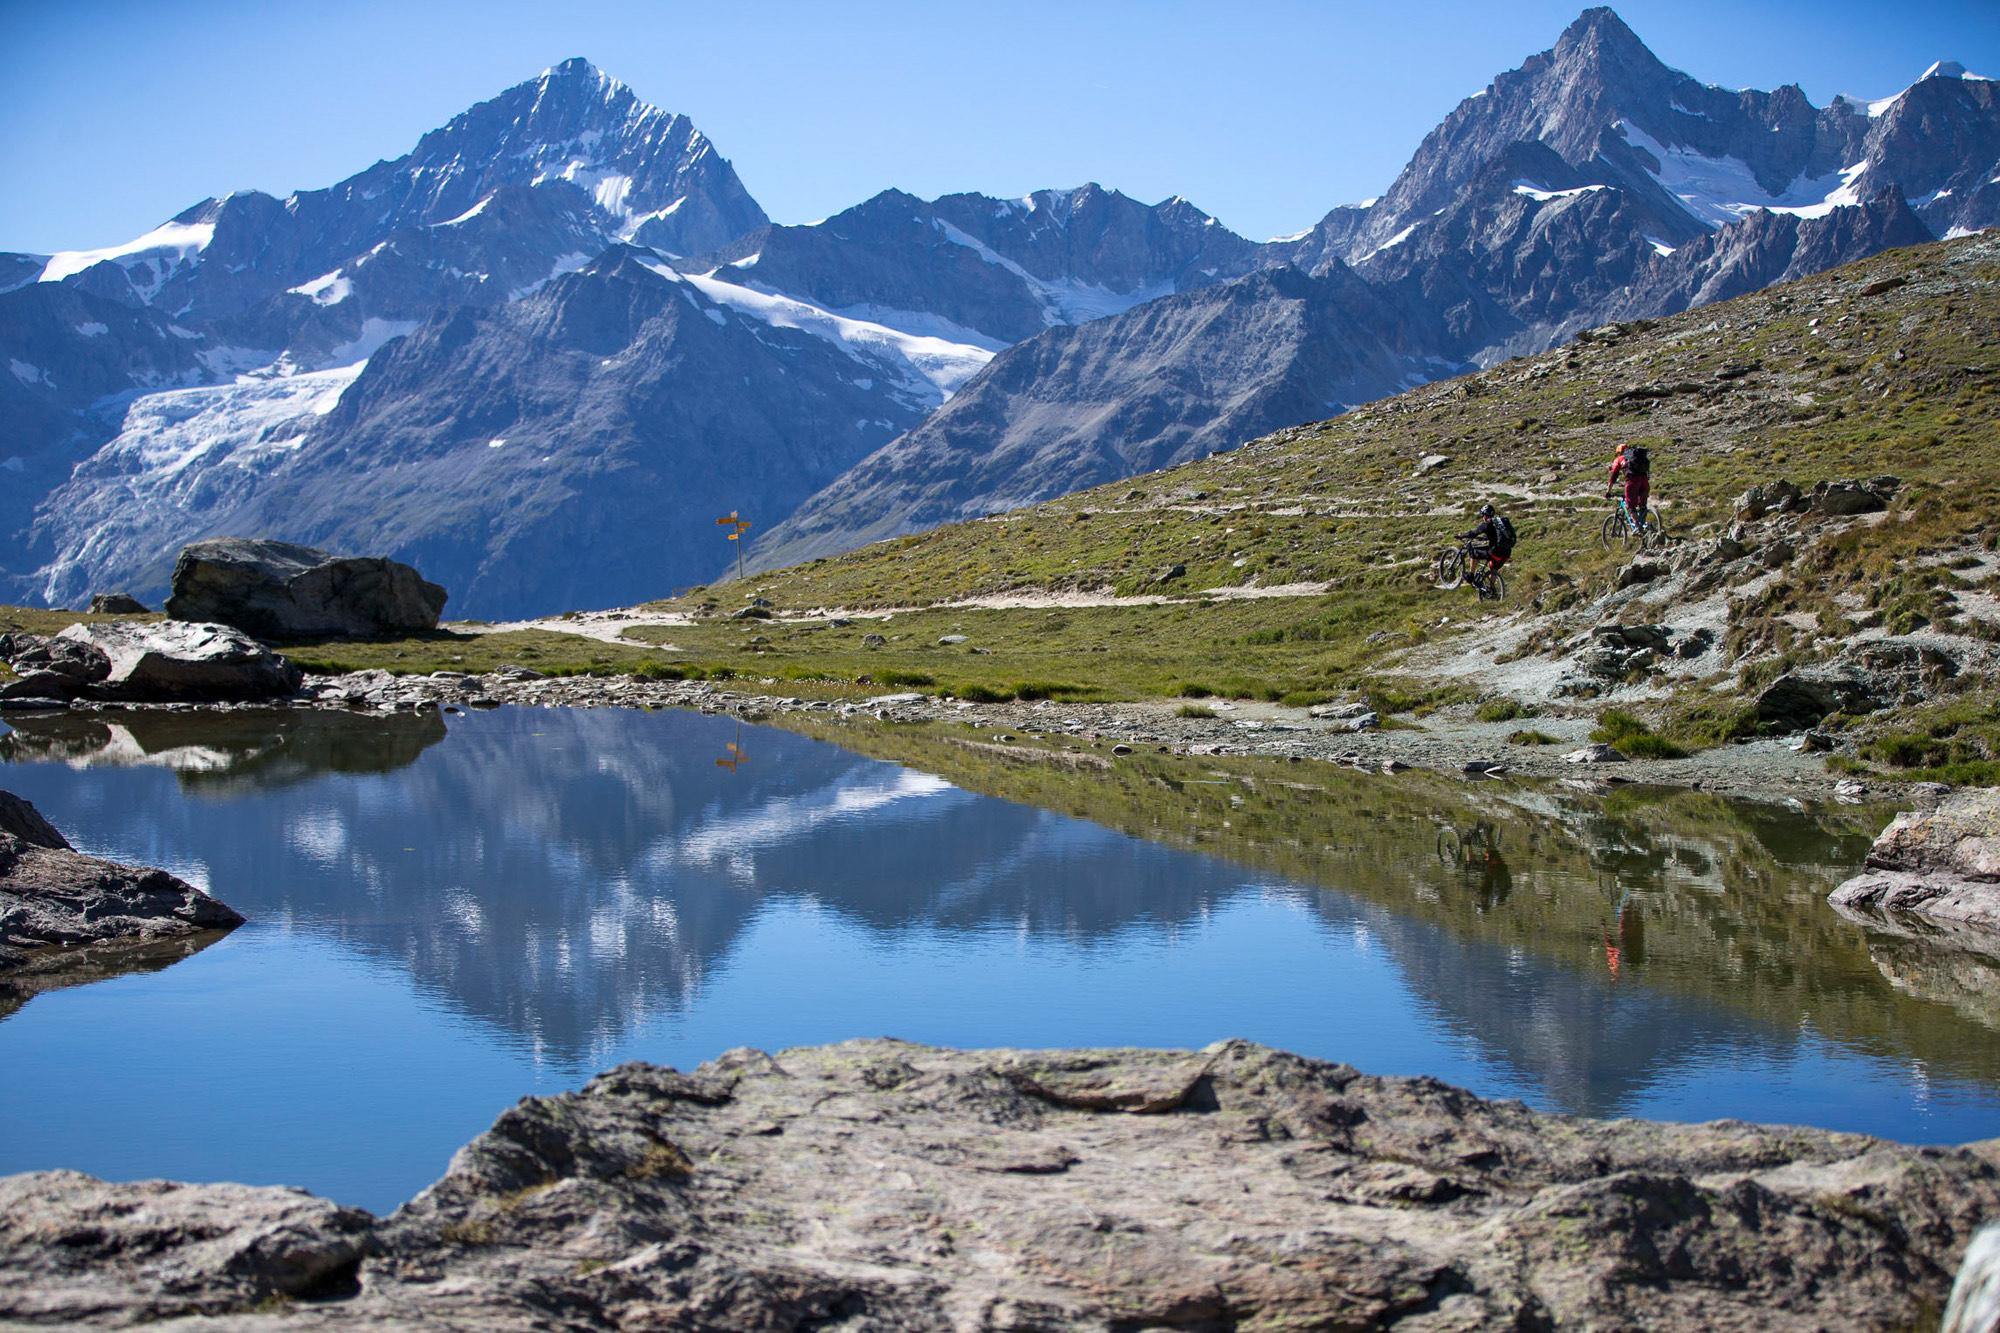 Dominik Raab und Alban Aubert fahren mit ihren Merida Mountainbikes auf den Trails in Zermatt